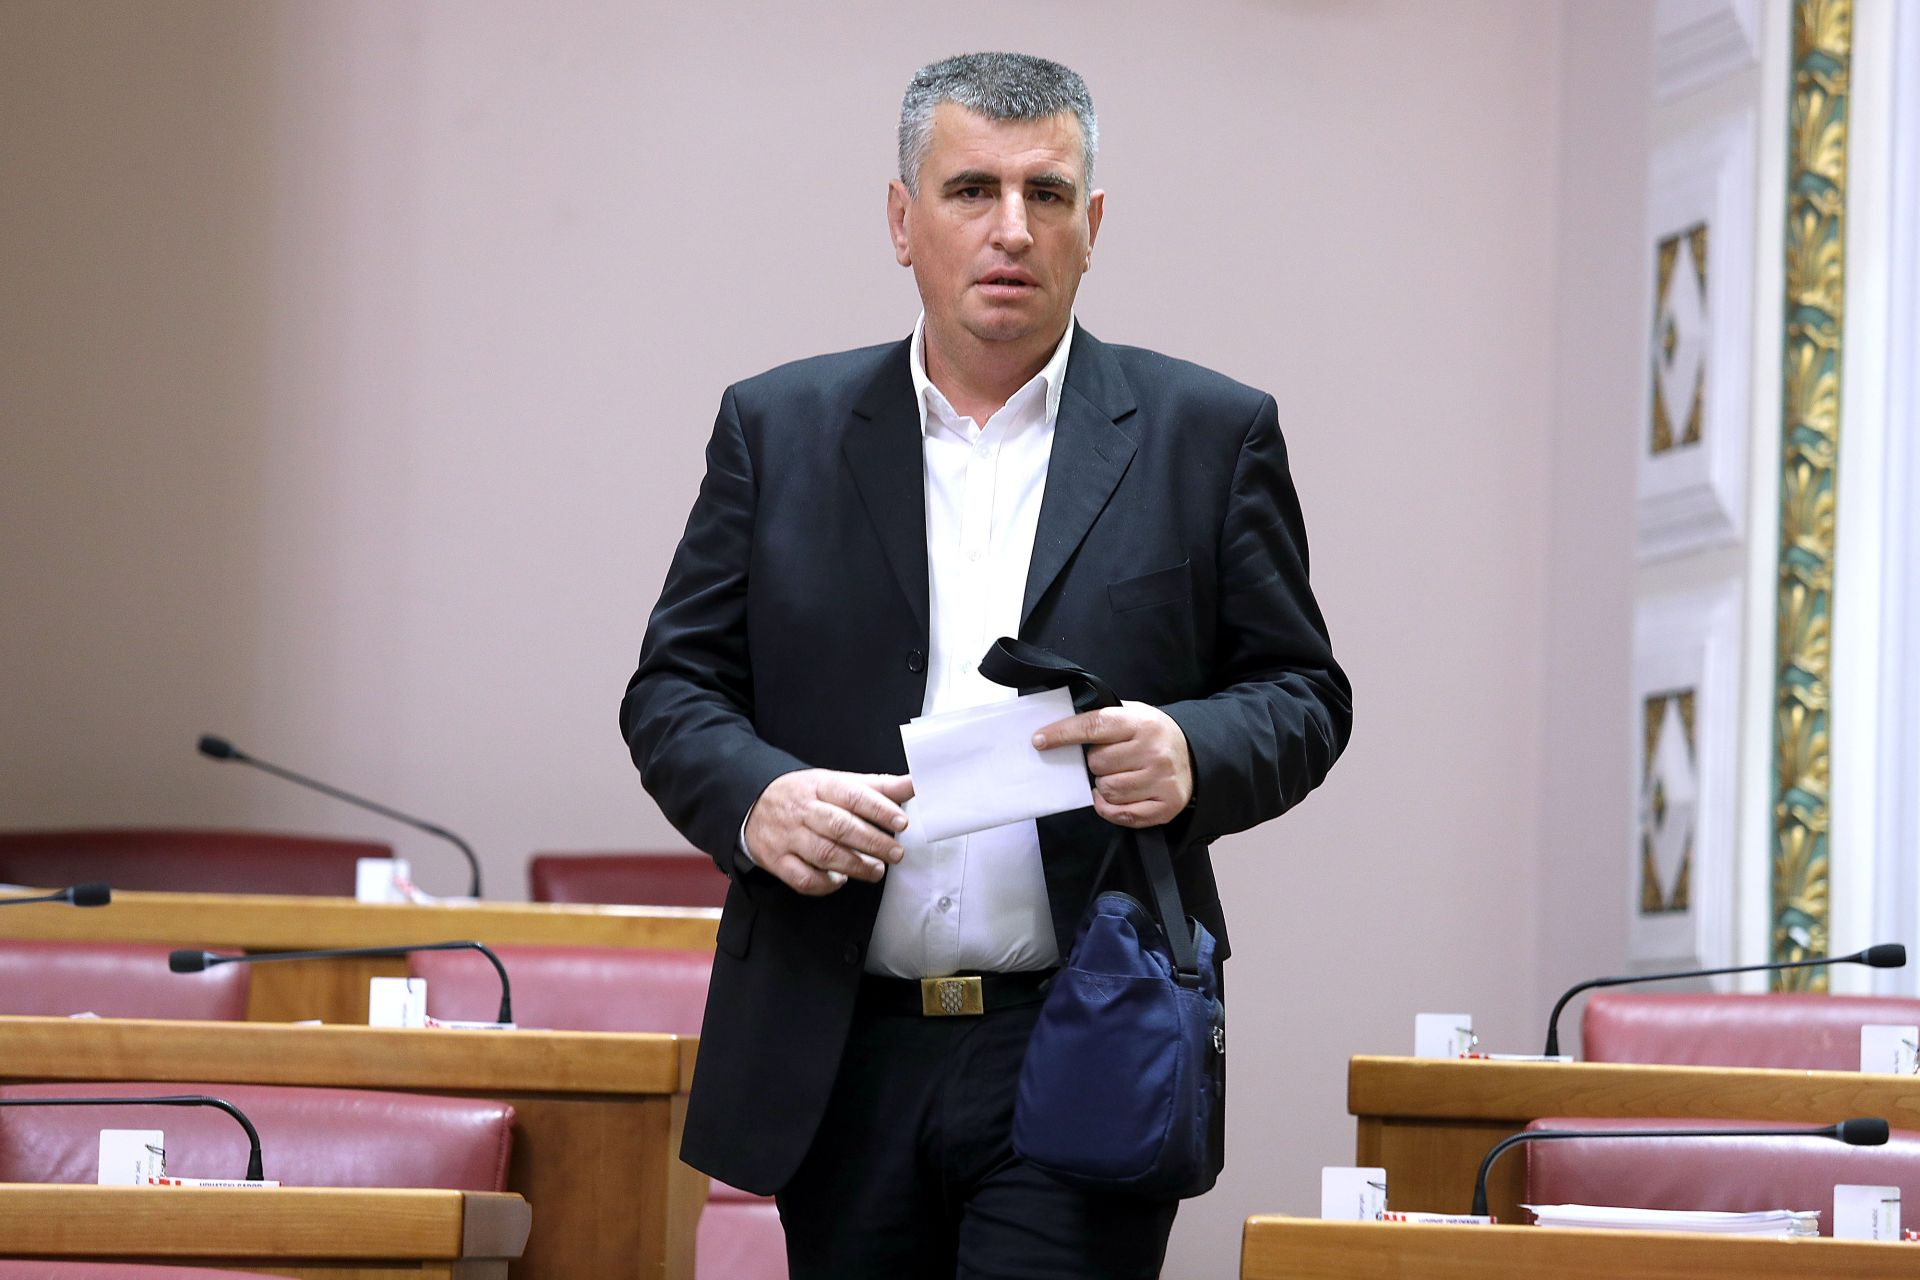 OSTAVKA UPRAVE HRVATSKIH ŠUMA: Iz Mosta i SDP-a pozdravili Tolušićevu odluku da ne isplati otpremnine